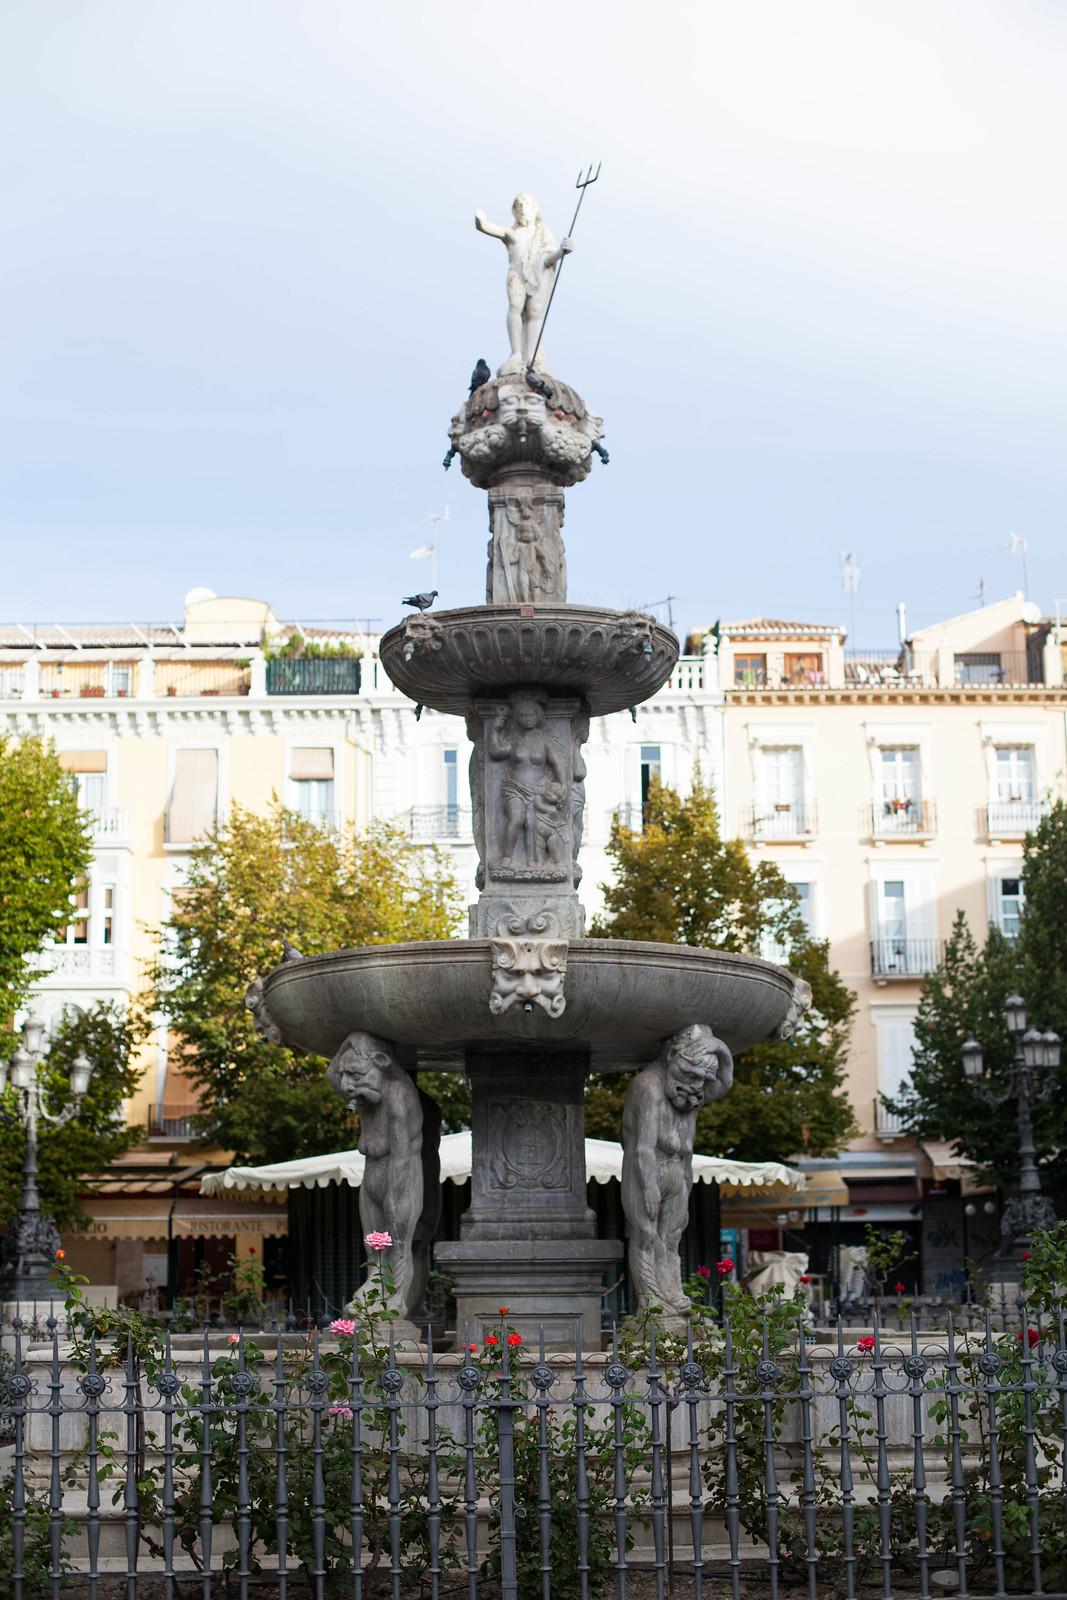 Fuente de los Gigantones fountain